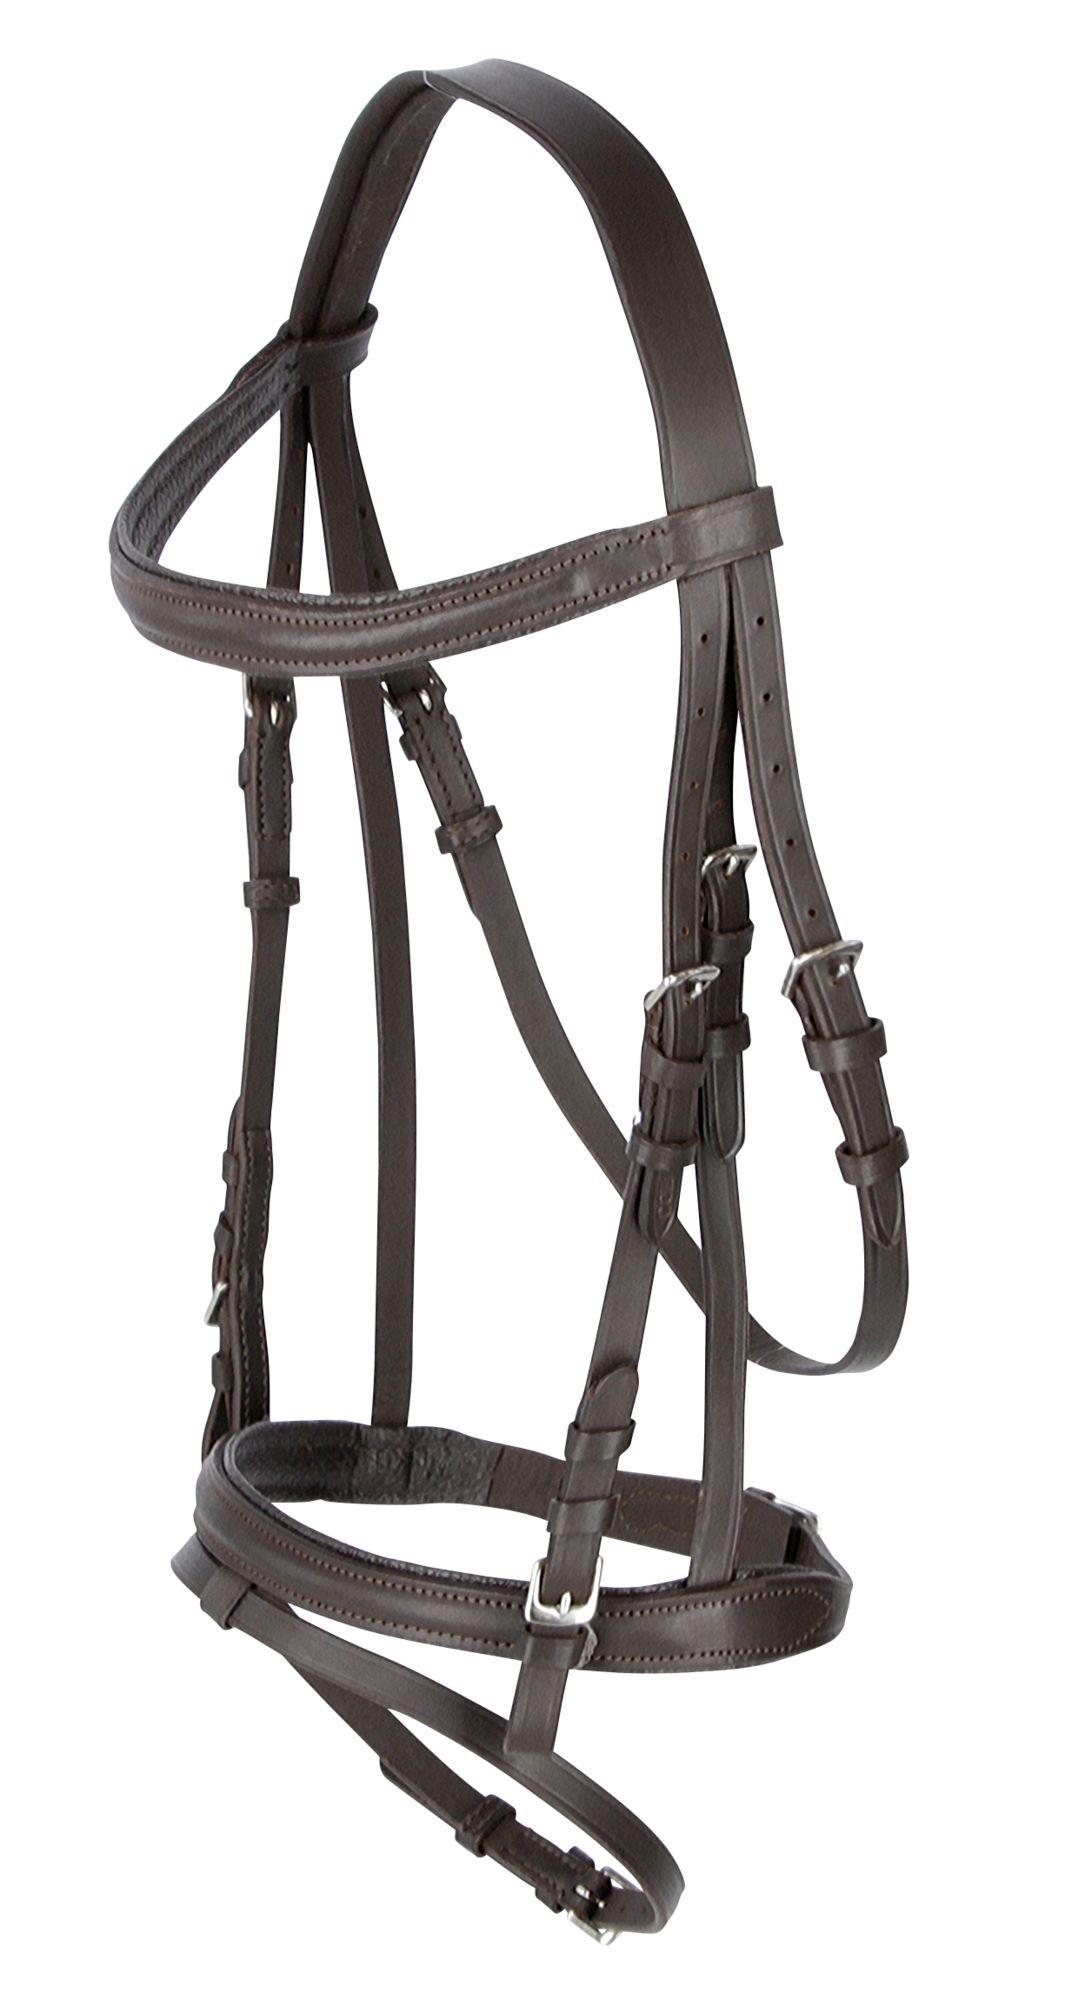 schmales Reithalfter,englisches Reithalfter für Trensen schwarz Leder  Warmblut